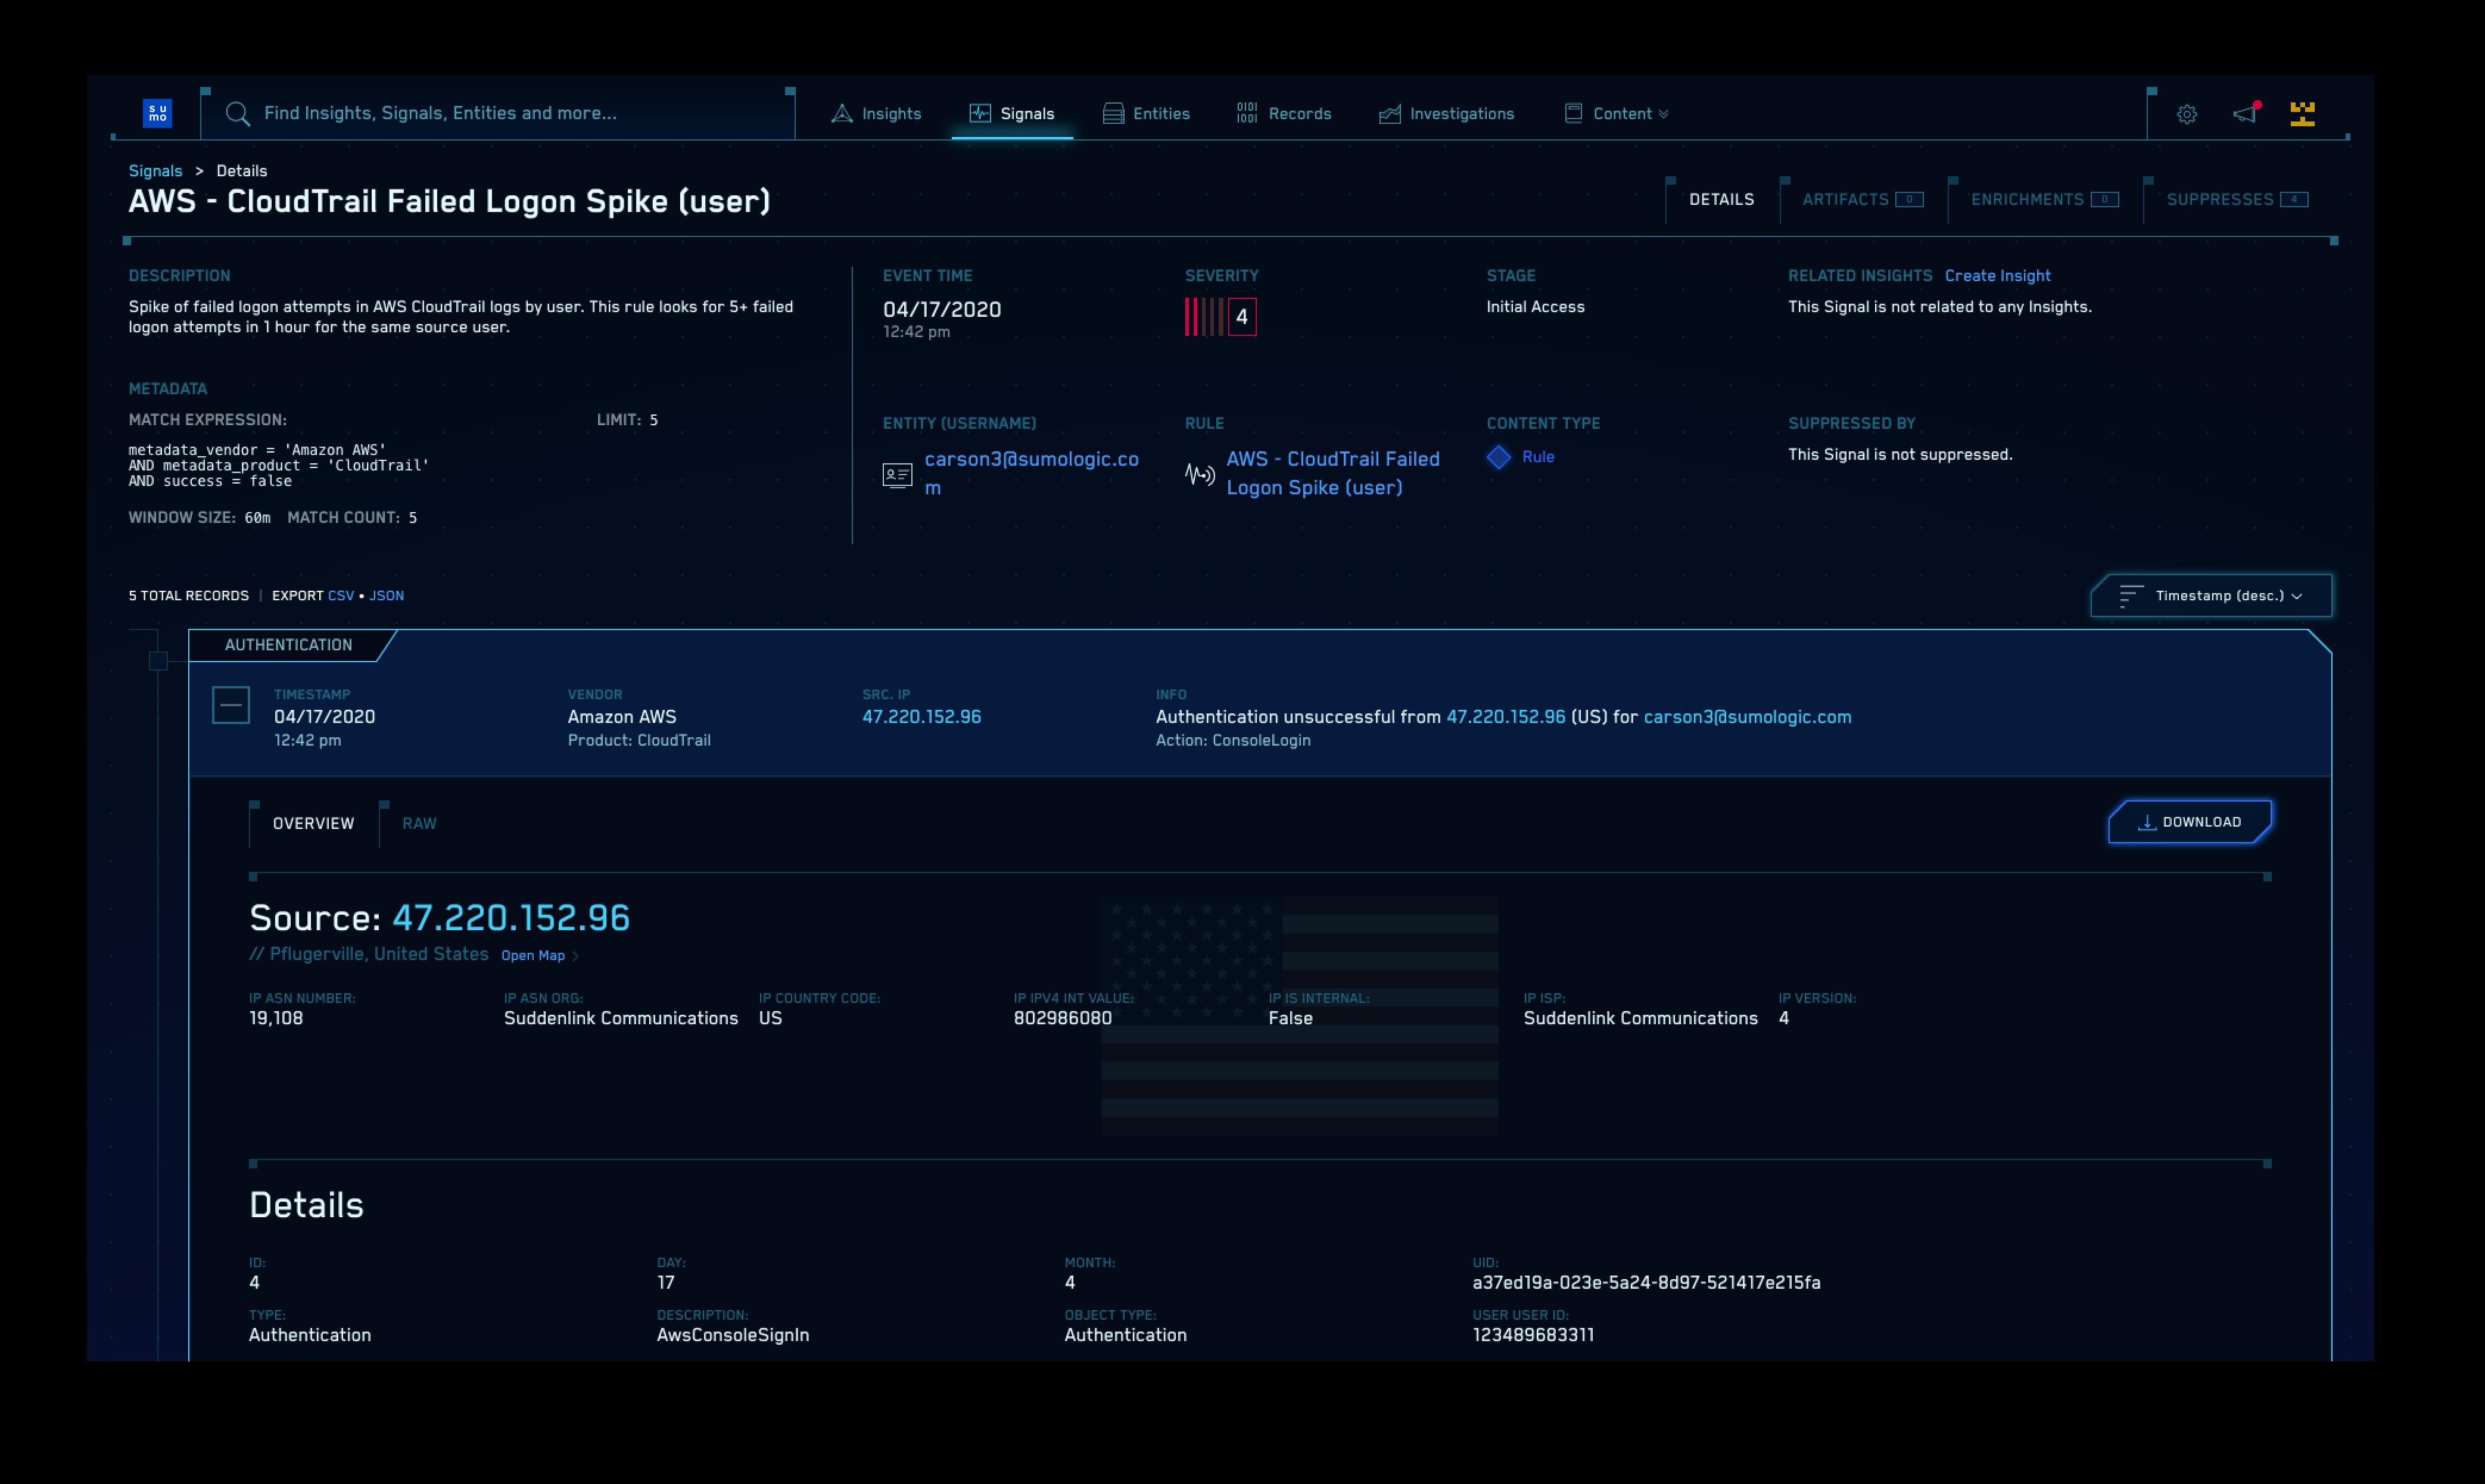 ログ以外のセキュリティ テレメトリ: ネットワーク、ユーザ、アセット、API